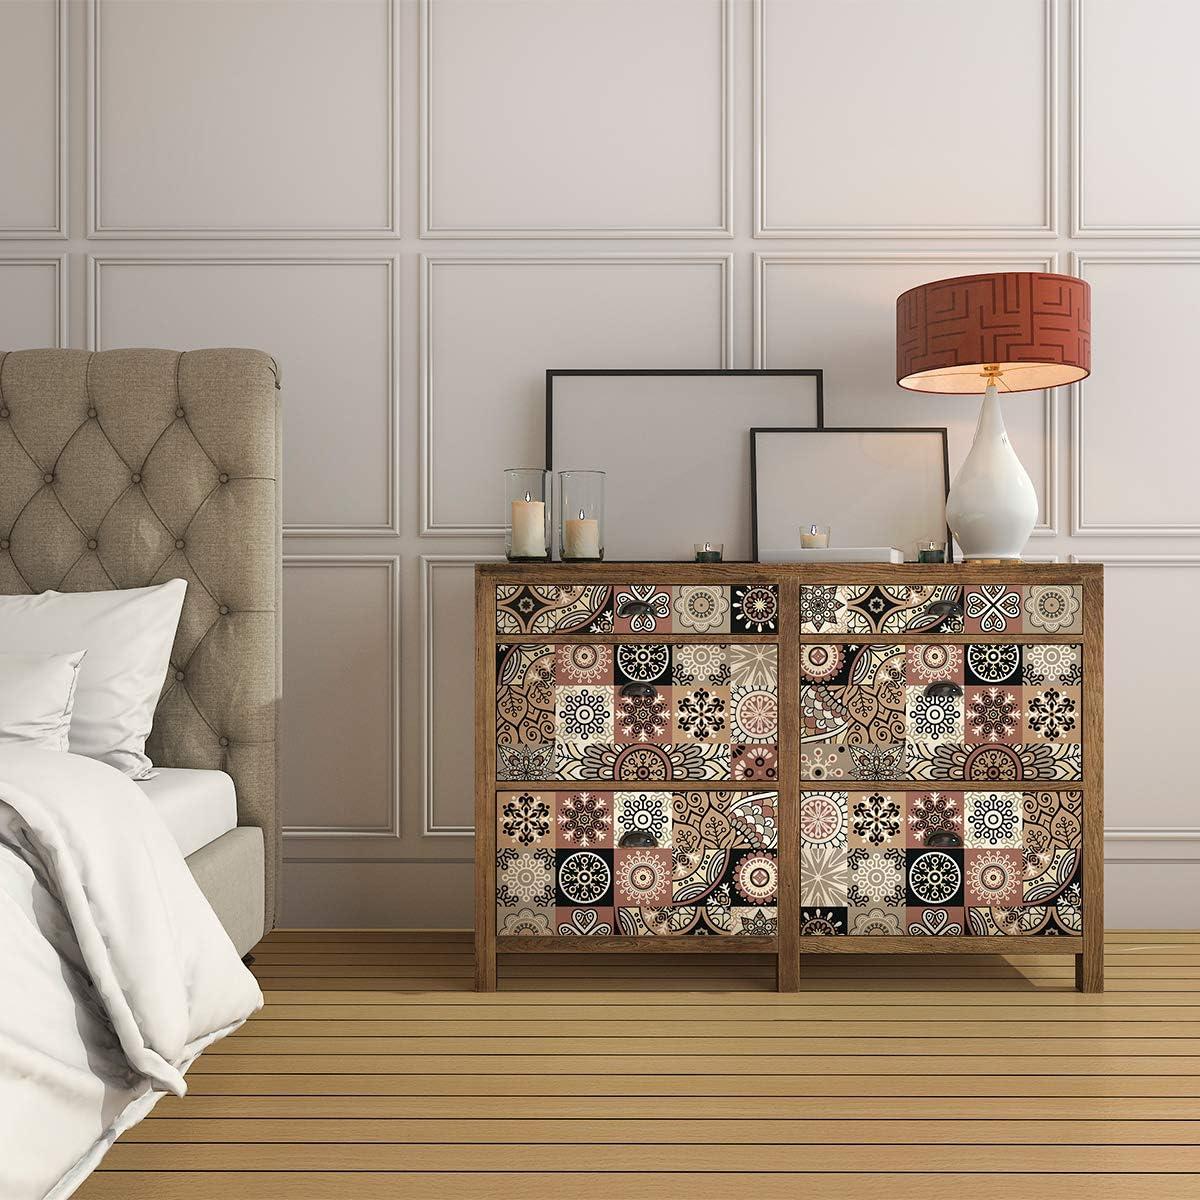 60 x 100 cm Comodini Decorazione per Tavoli Scaffali Adesivo per Mobili| Stickers Design Piastrella Armadi